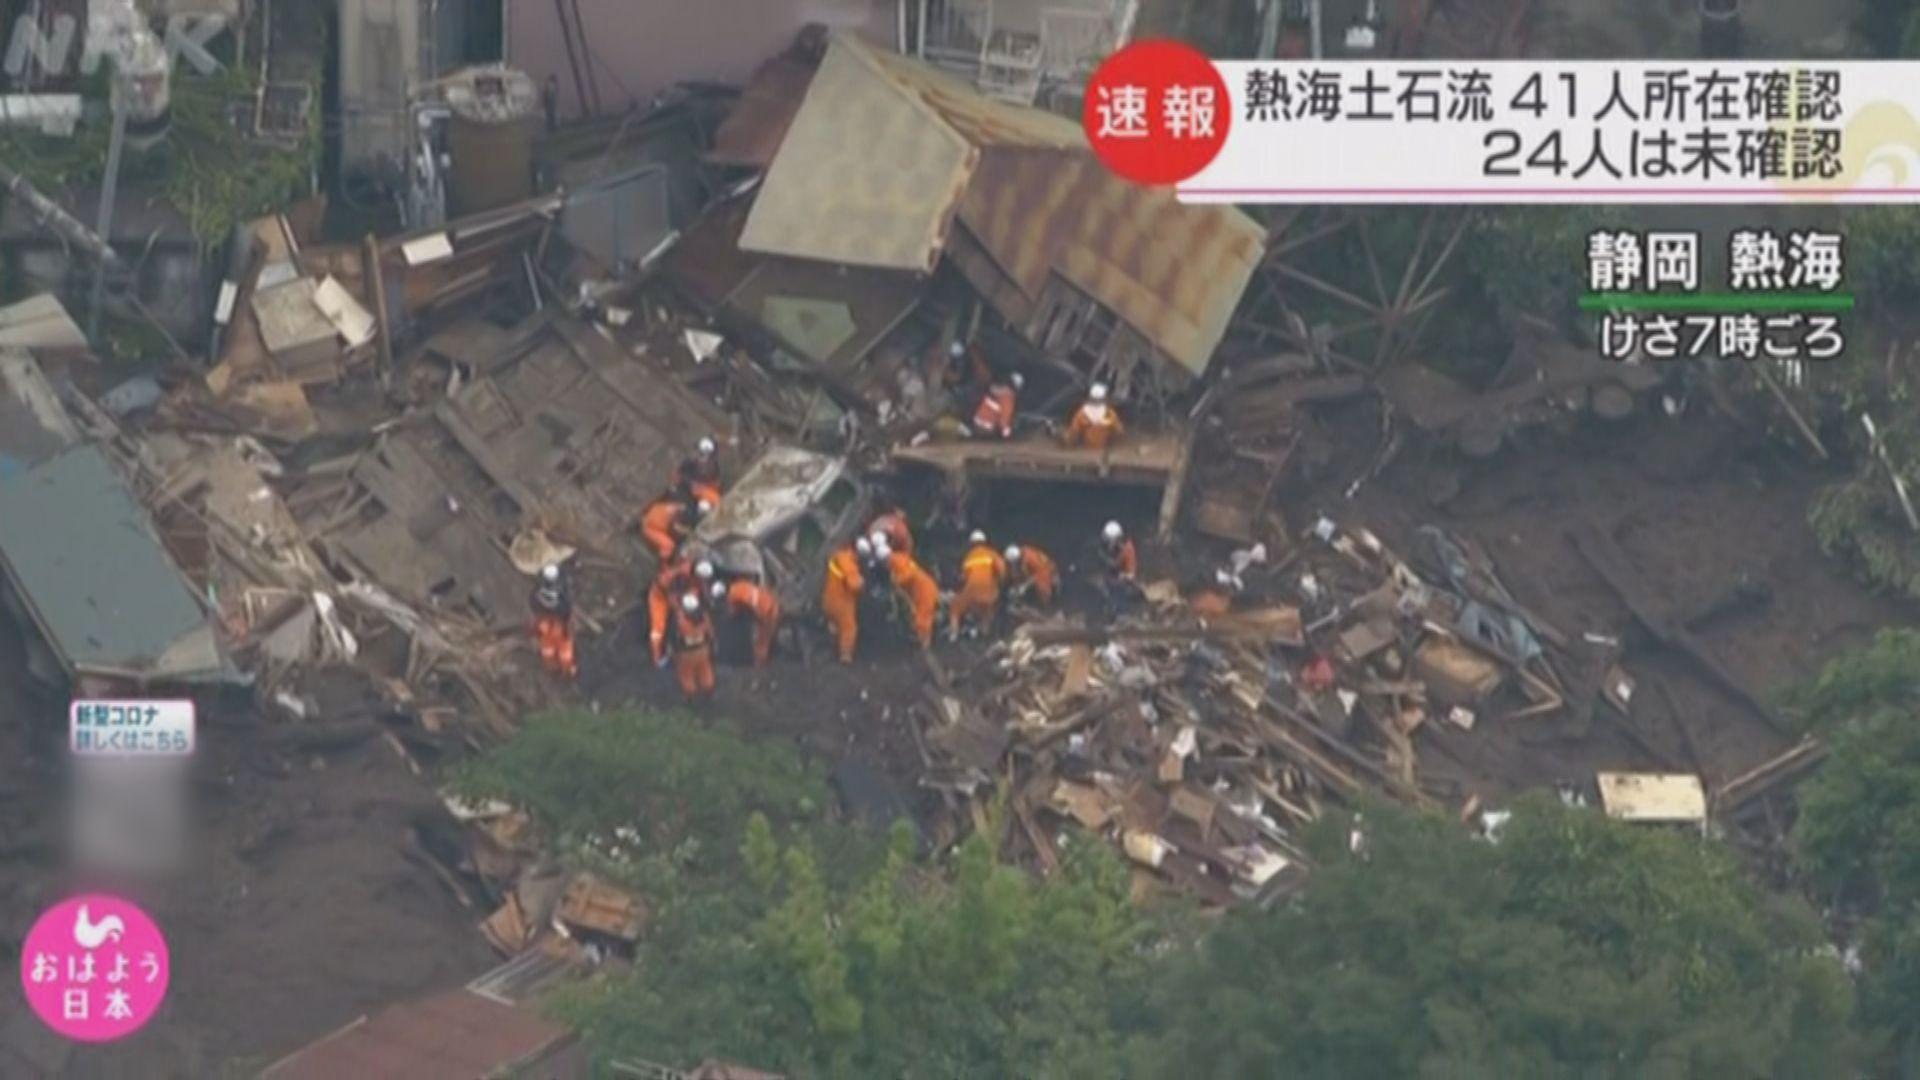 日本熱海市山泥傾瀉 當局確認逾40失蹤者位置